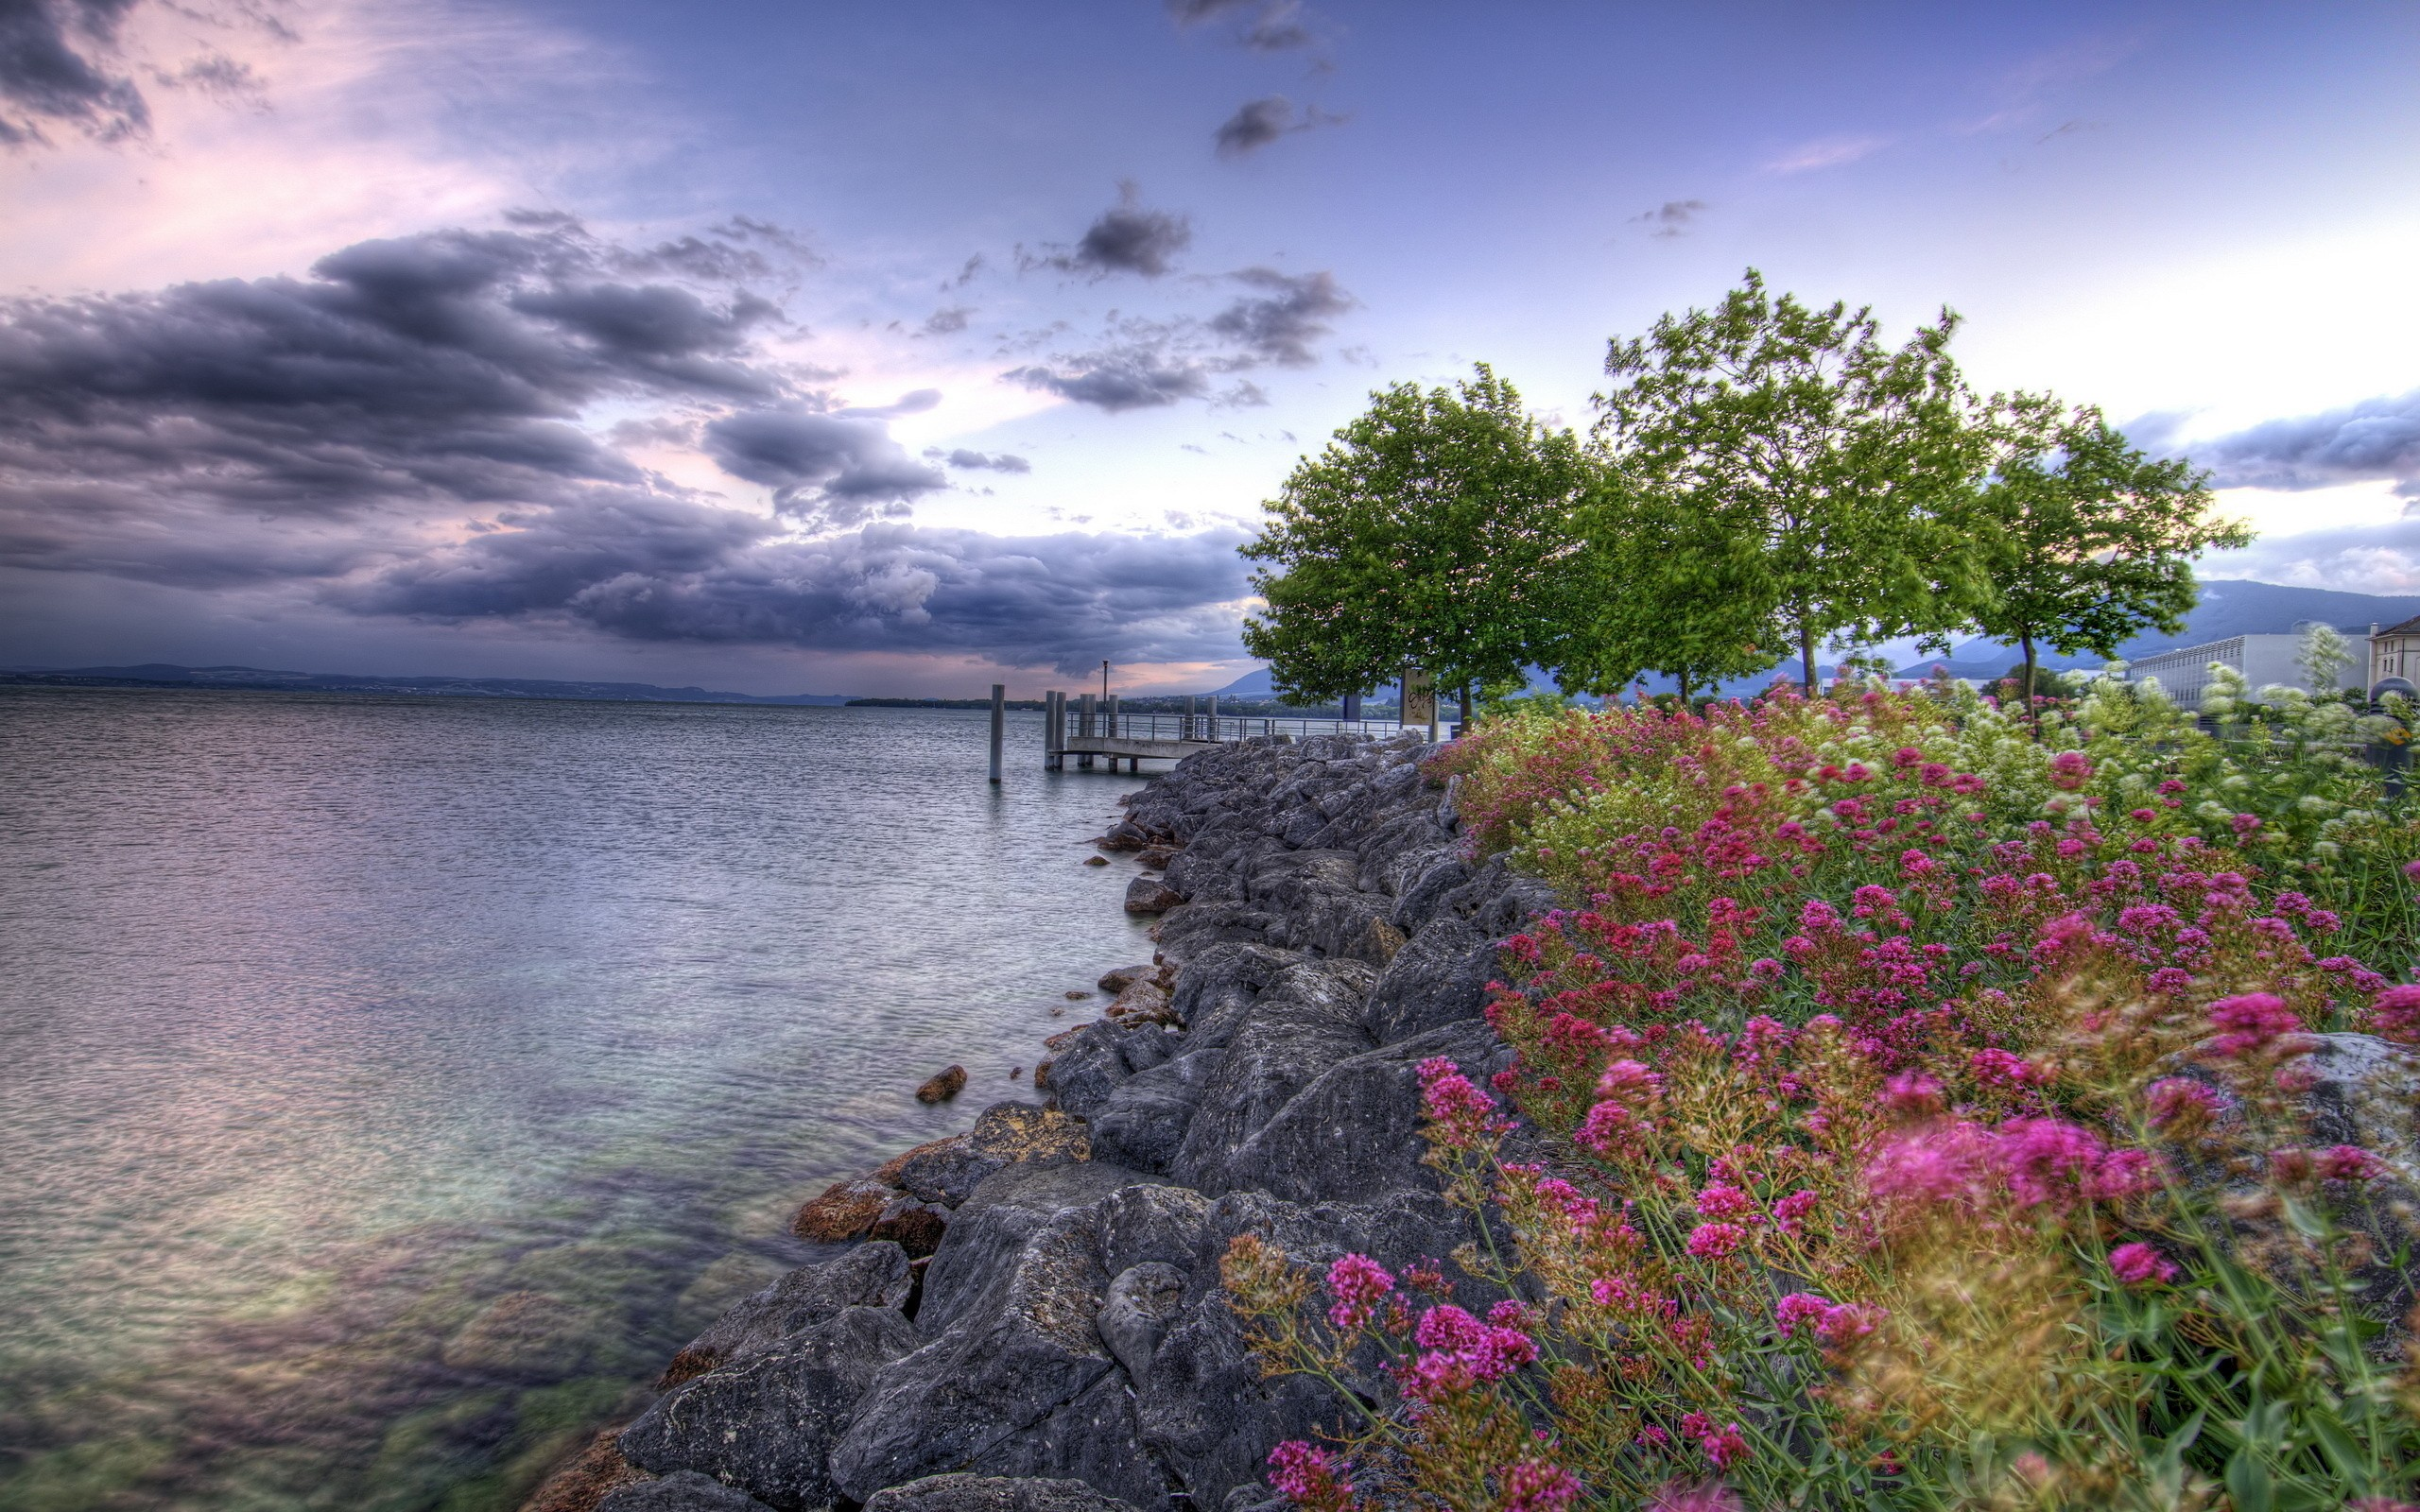 Пейзаж озеро берег  № 1211481 загрузить